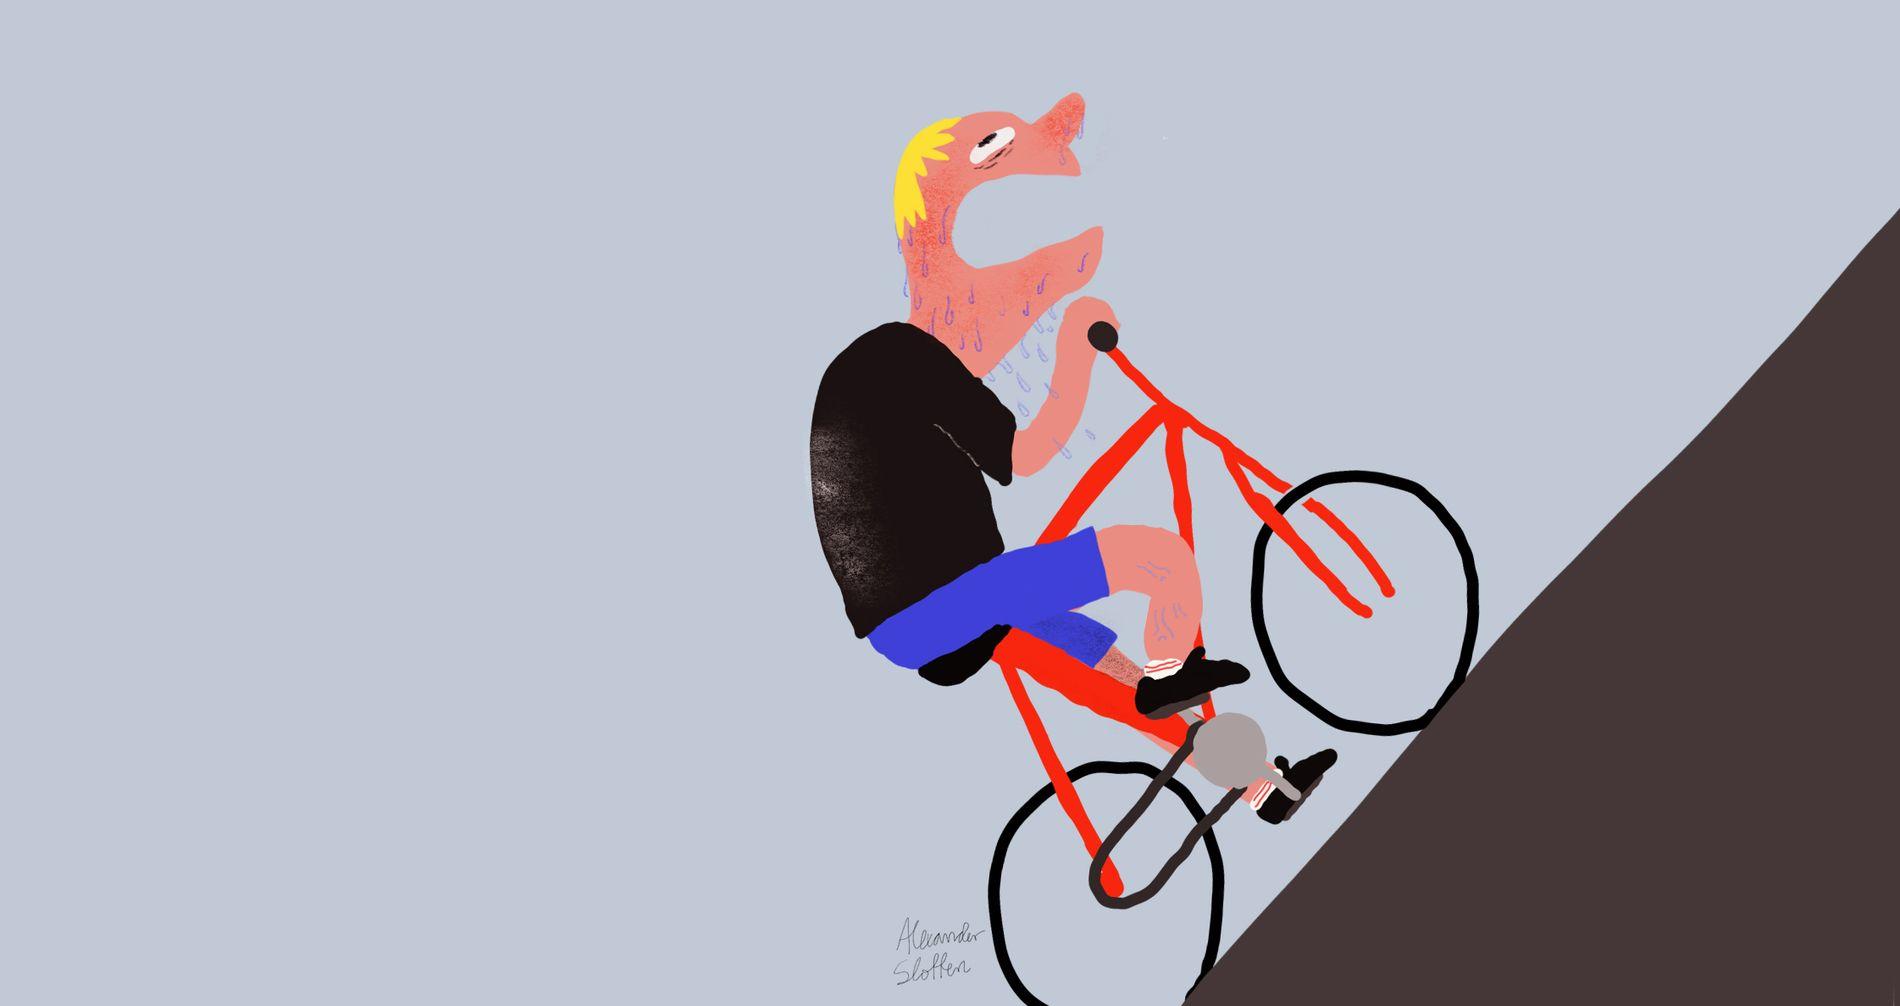 TUNGT: Syklister og folk med barnevogn bør hjelpes opp Haukelandsbakken, mener innsenderen. Illustrasjon: Alexander Slotten